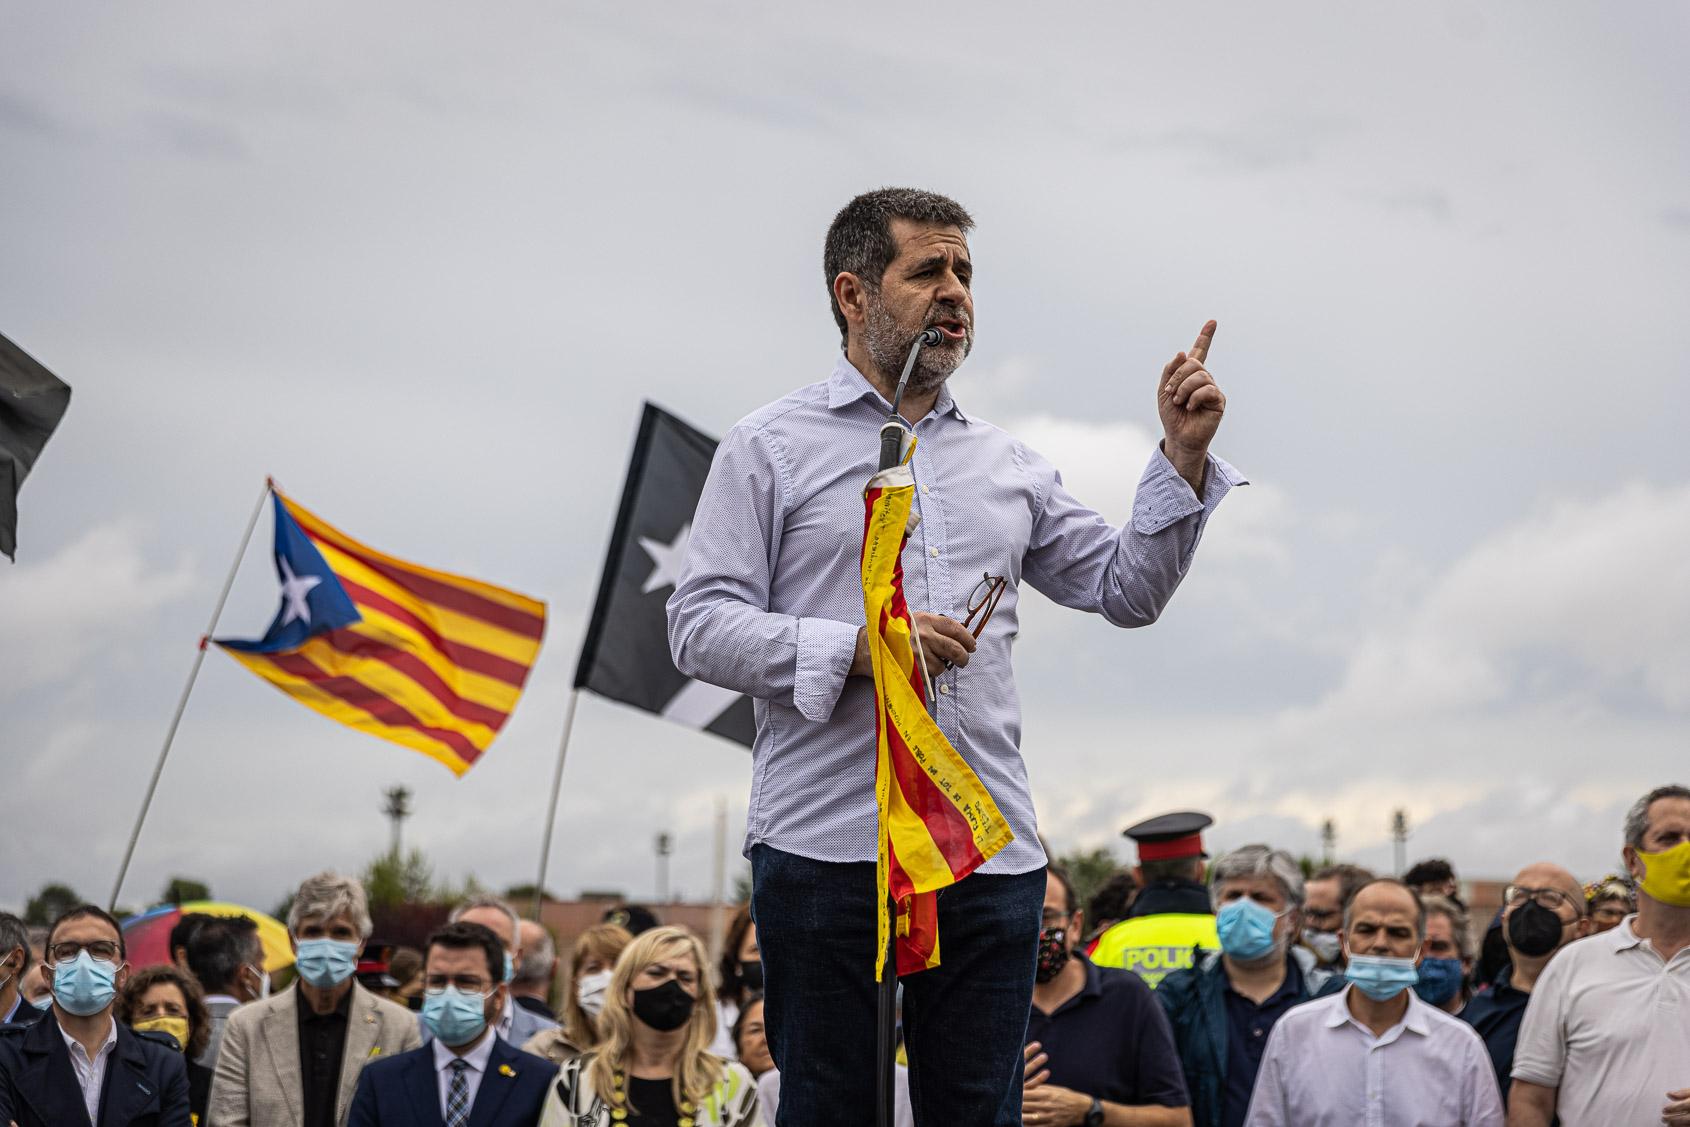 Sànchez, el dia de l'alliberament dels presos polítics de l'1-O per l'indult, a la sortida de Lledoners / Jordi Borràs